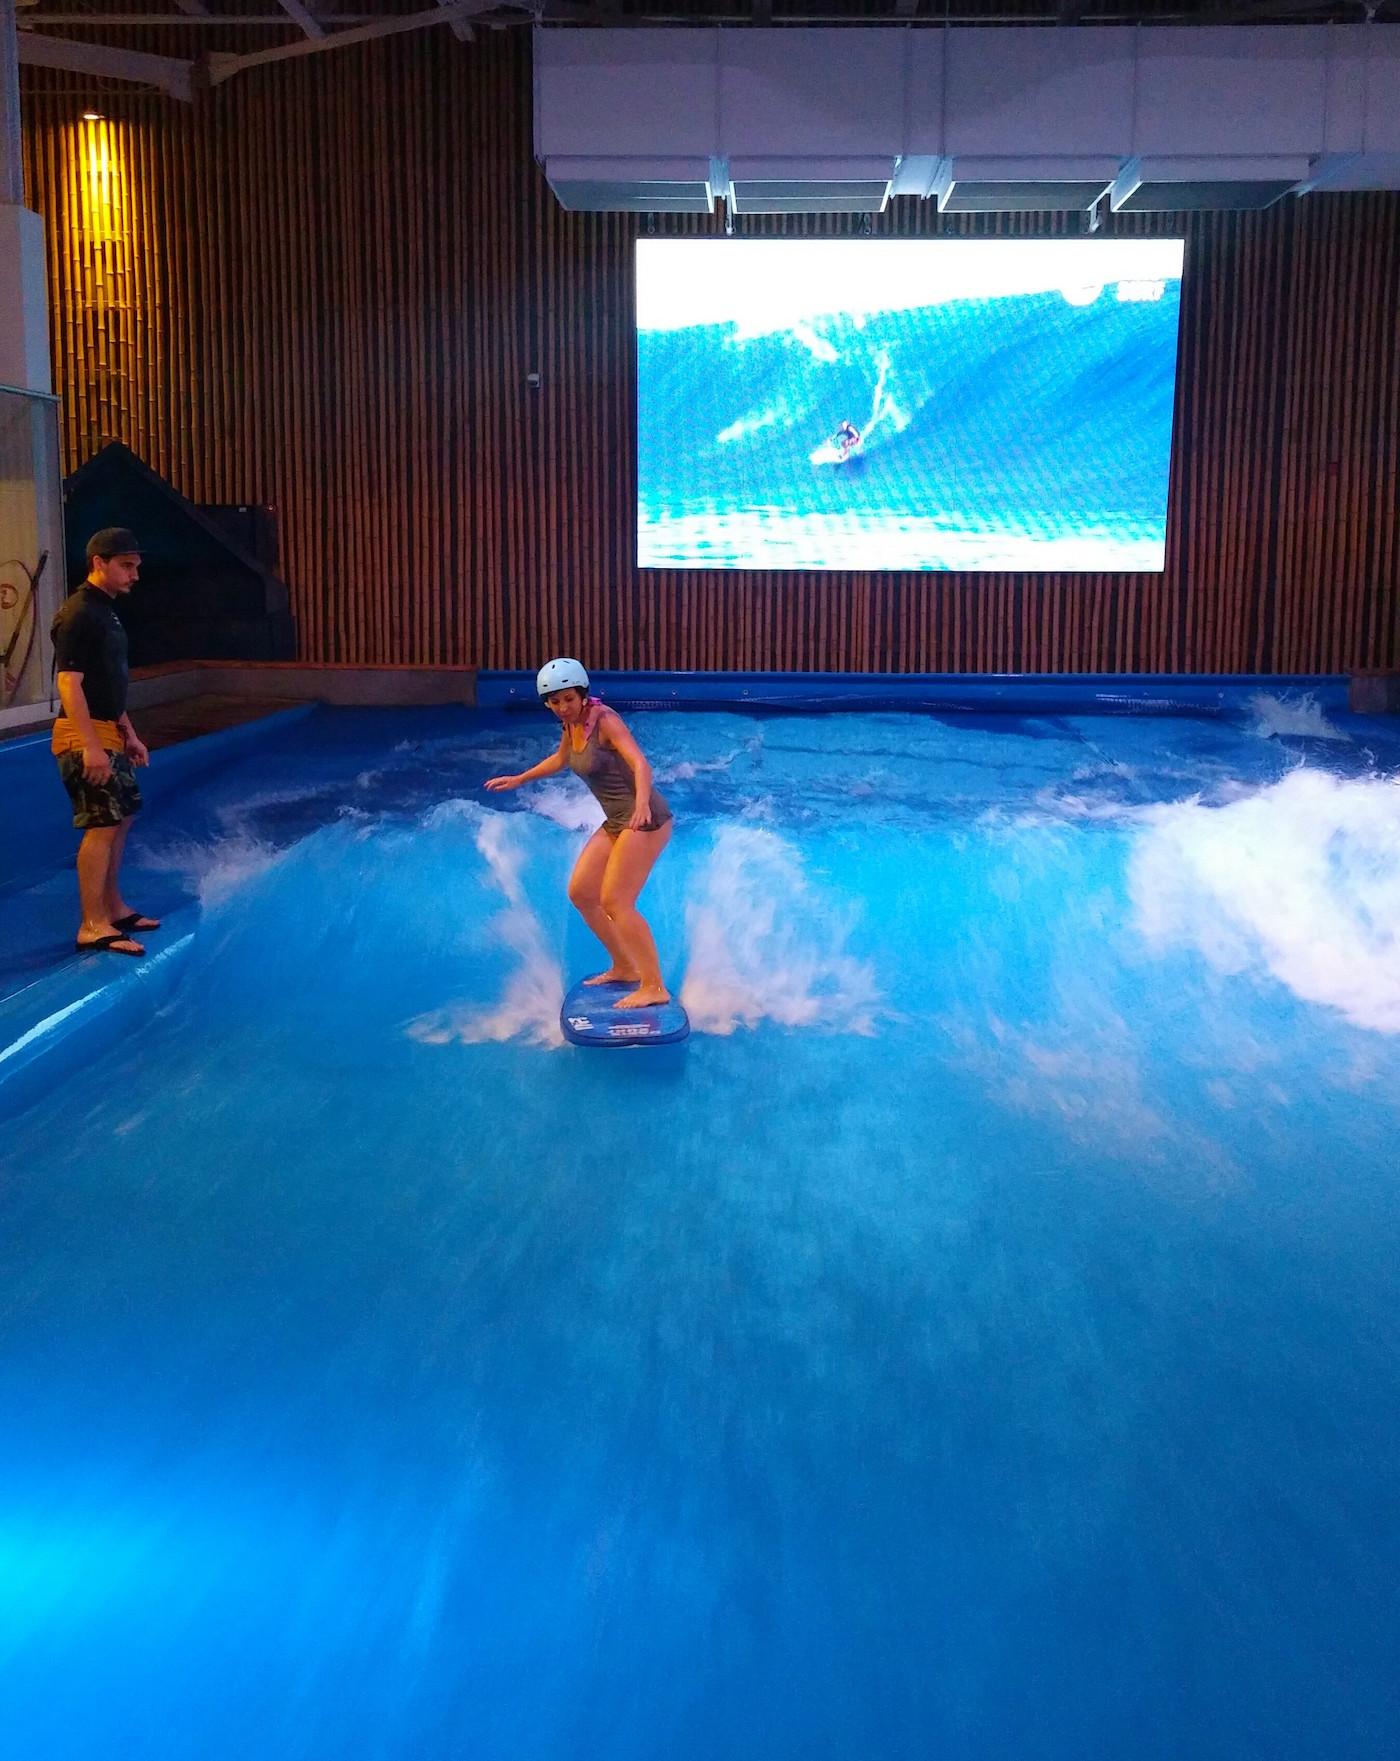 activité de surf en piscine à Montréal